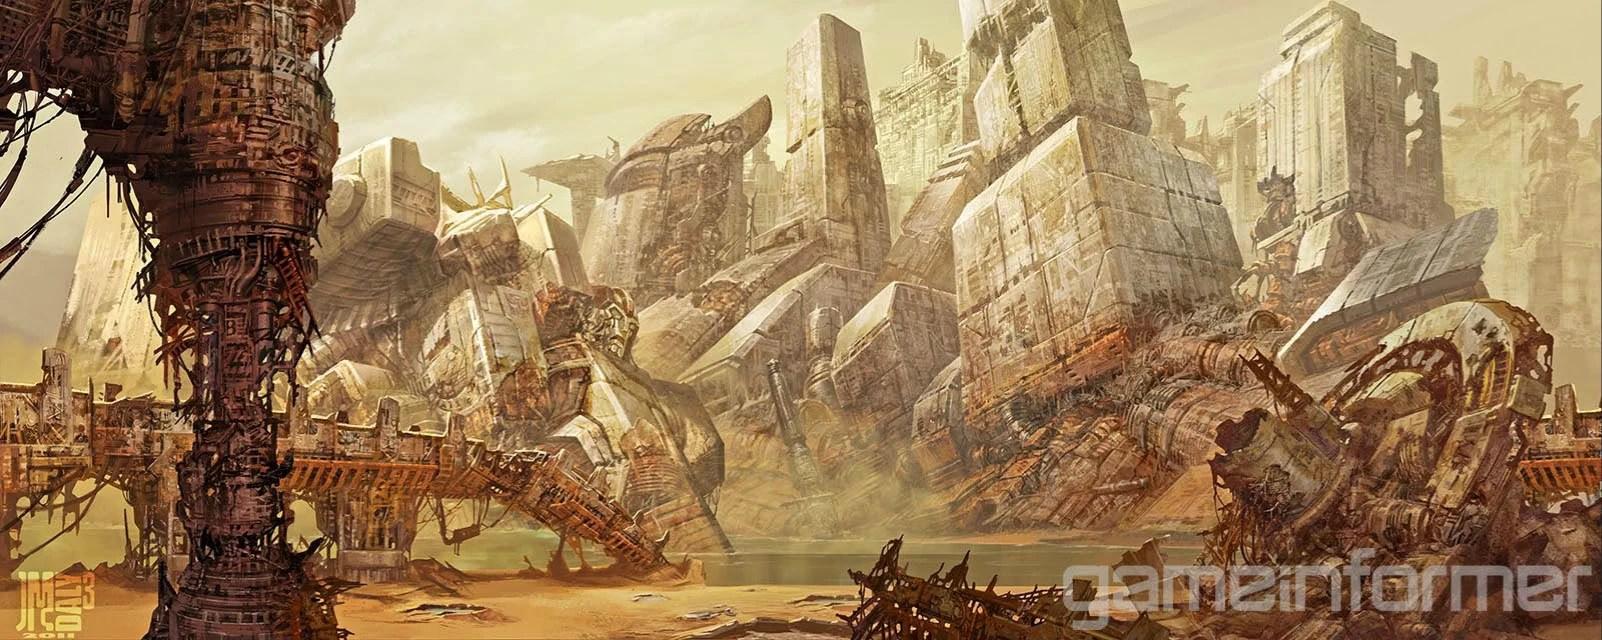 Fall Of Cybertron Wallpaper Hd Rust Sea Teletraan I The Transformers Wiki Fandom